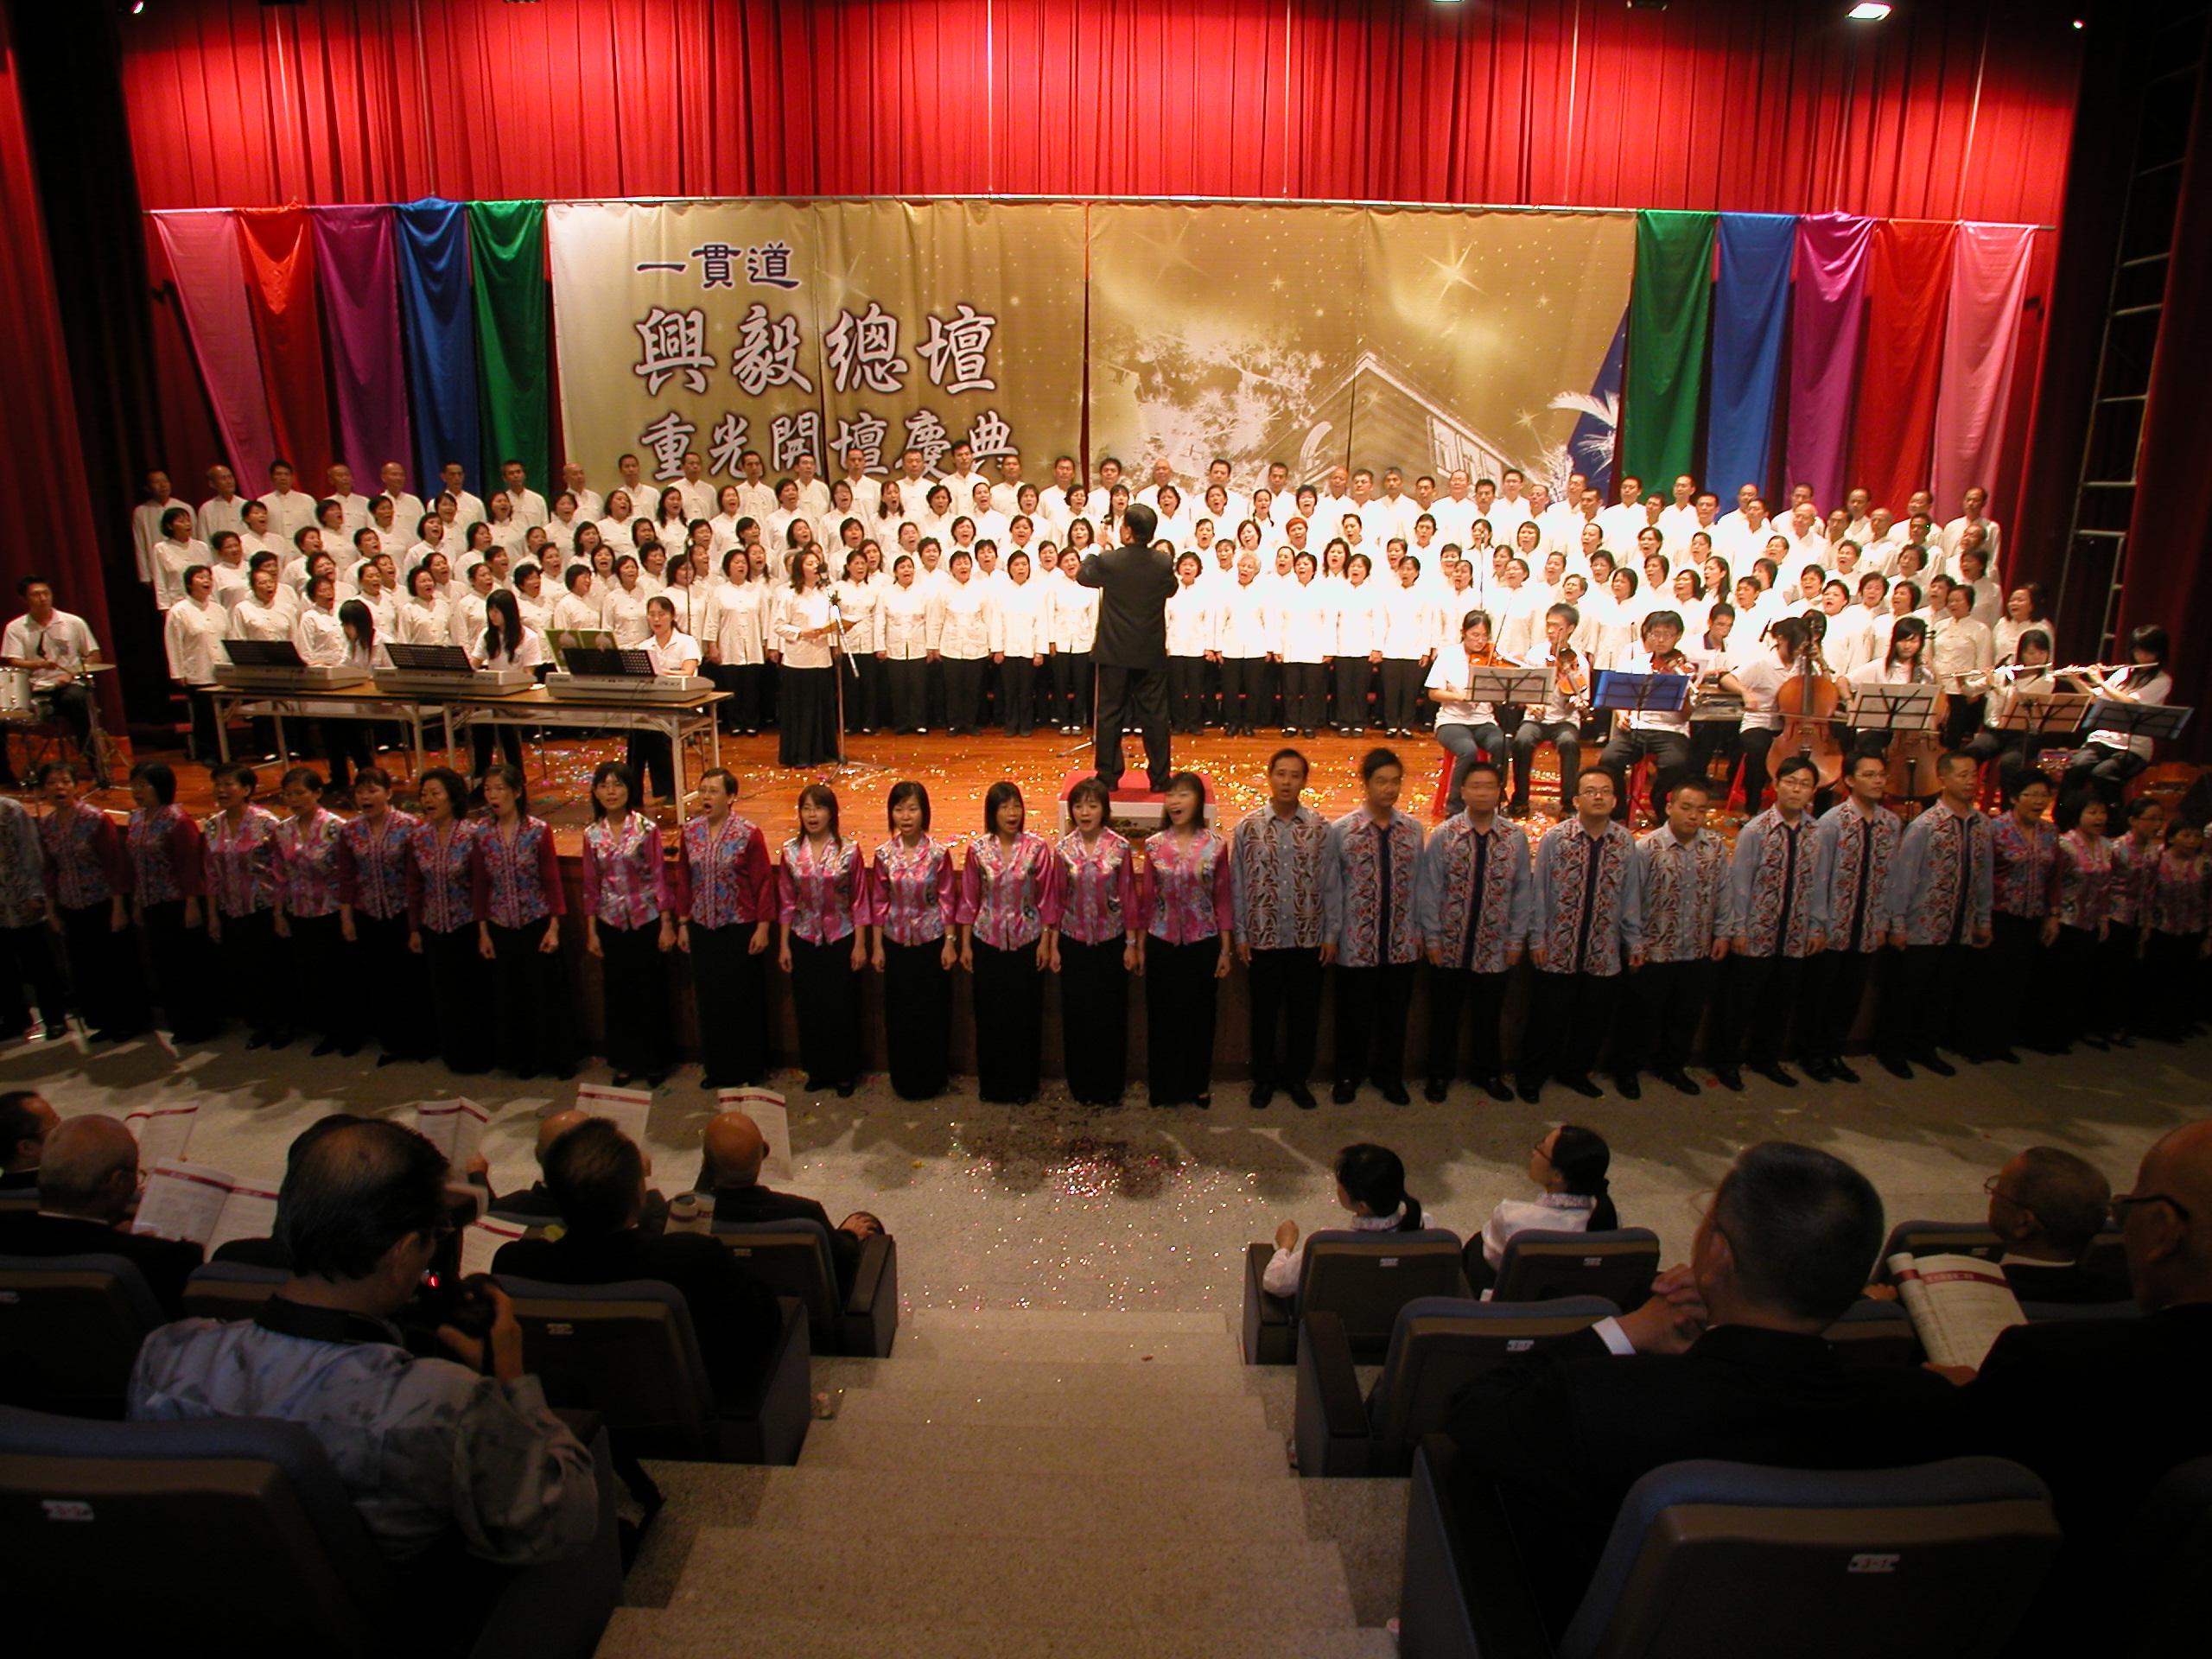 興毅忠信合唱團盛大演出